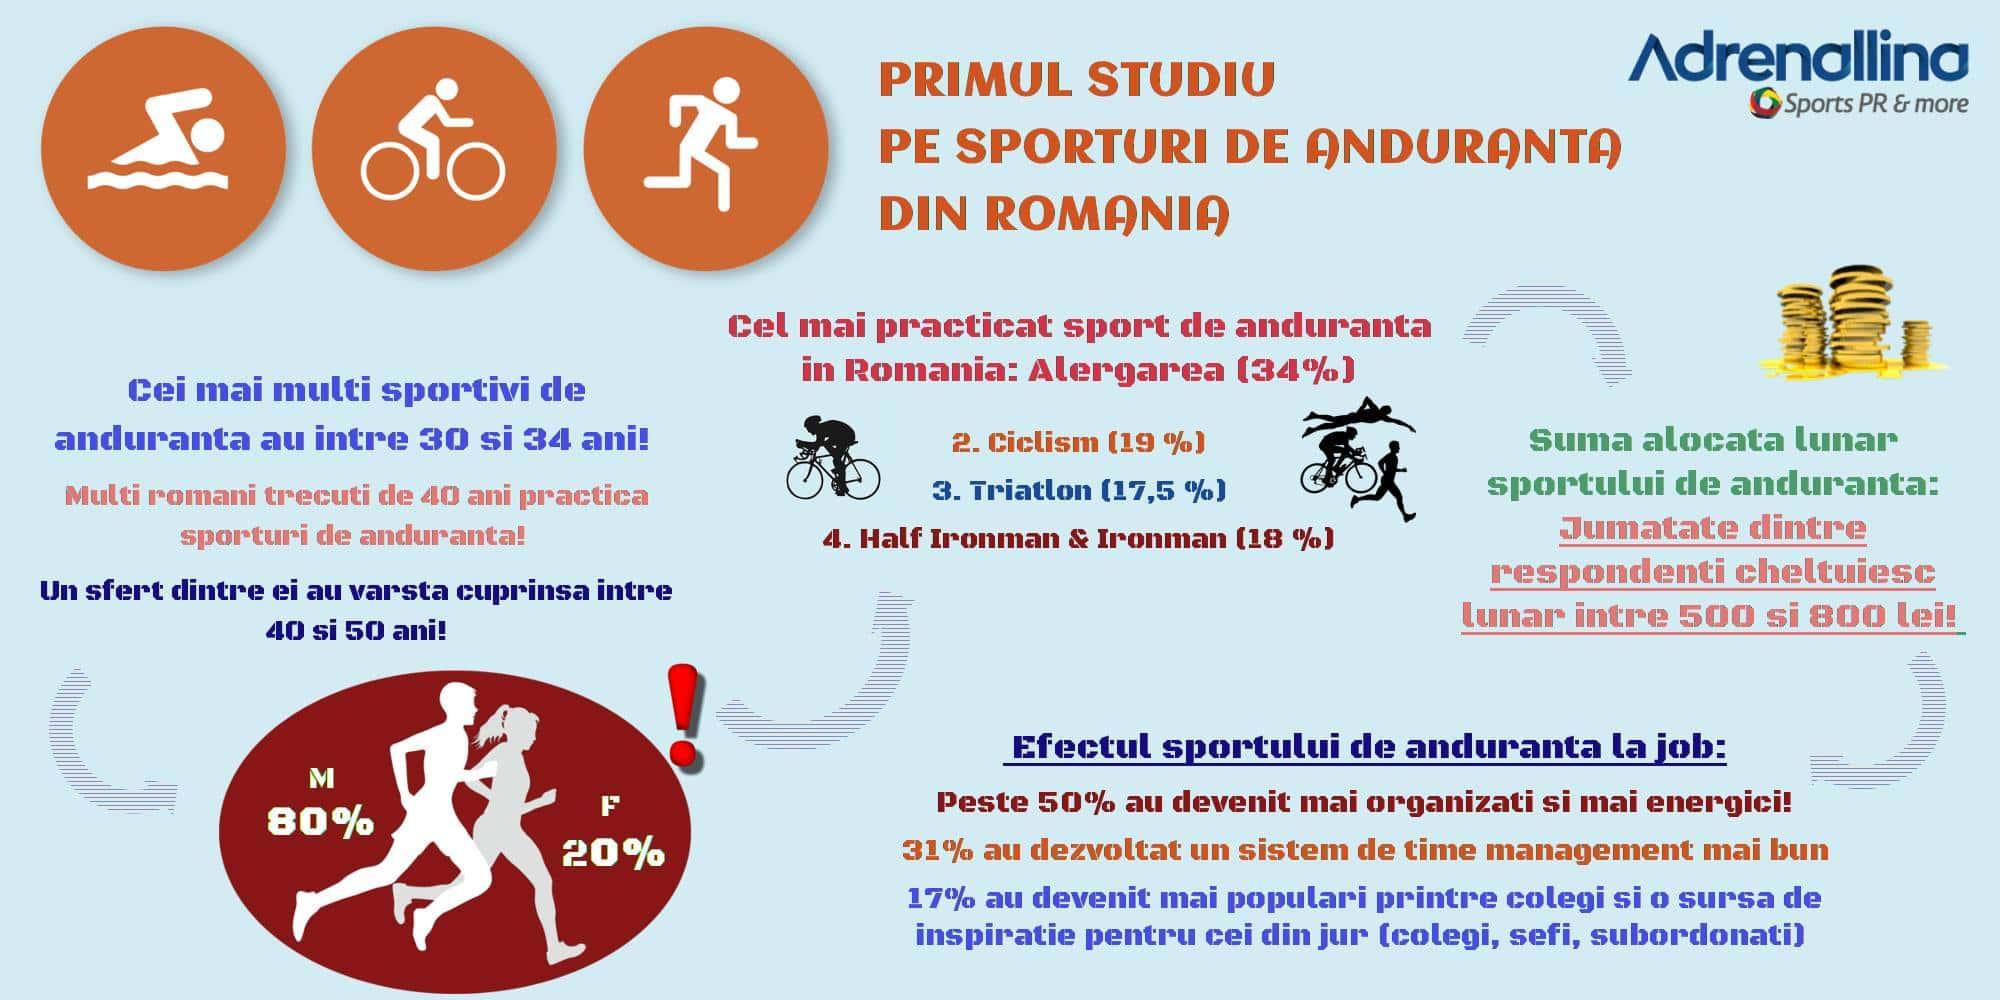 infografic Primul studiu pe sporturi de anduranta din Romania